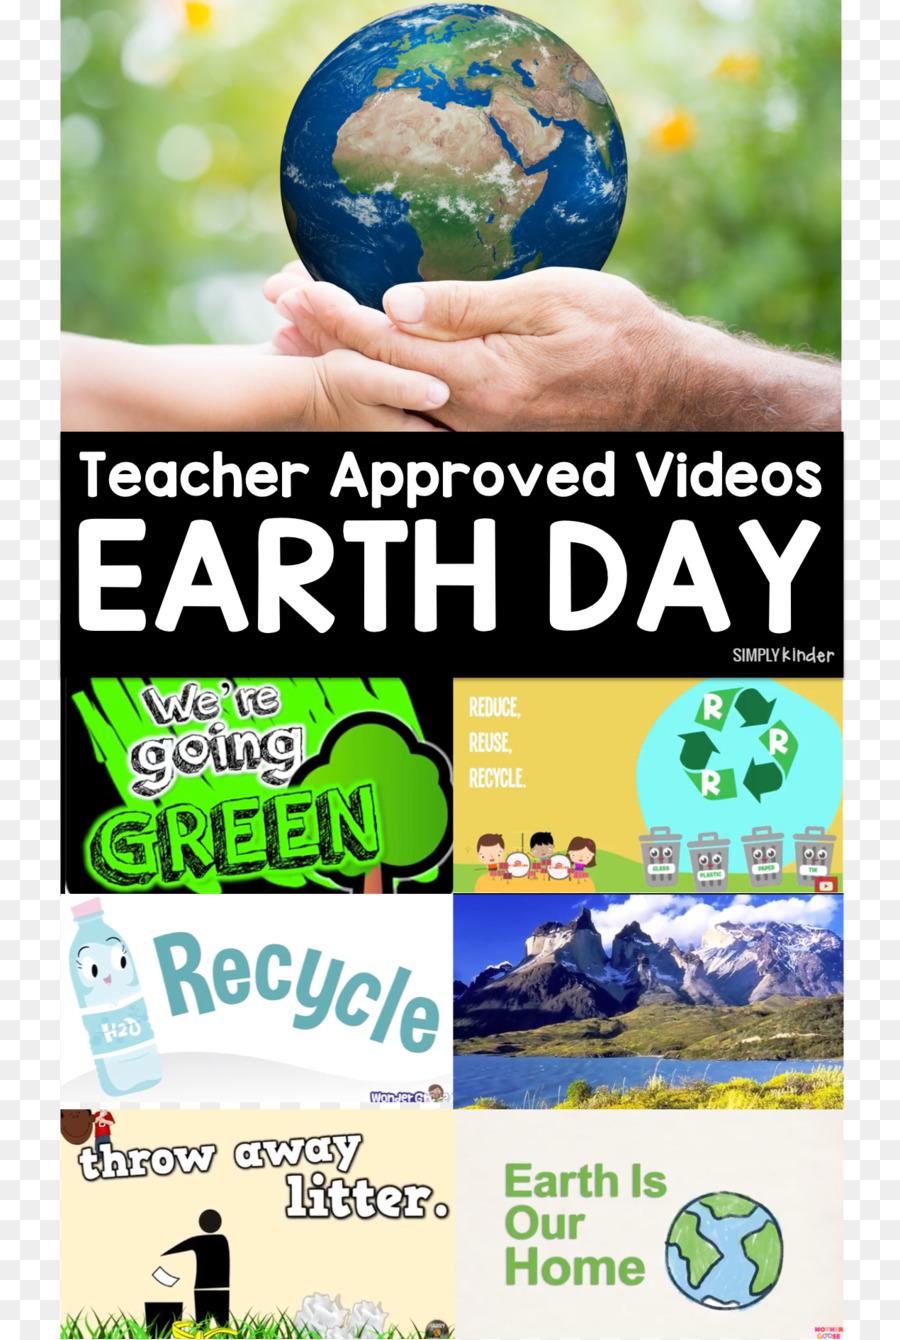 Tag Der Erde Planet Recycling Kindergarten - der Tag der Erde png ...